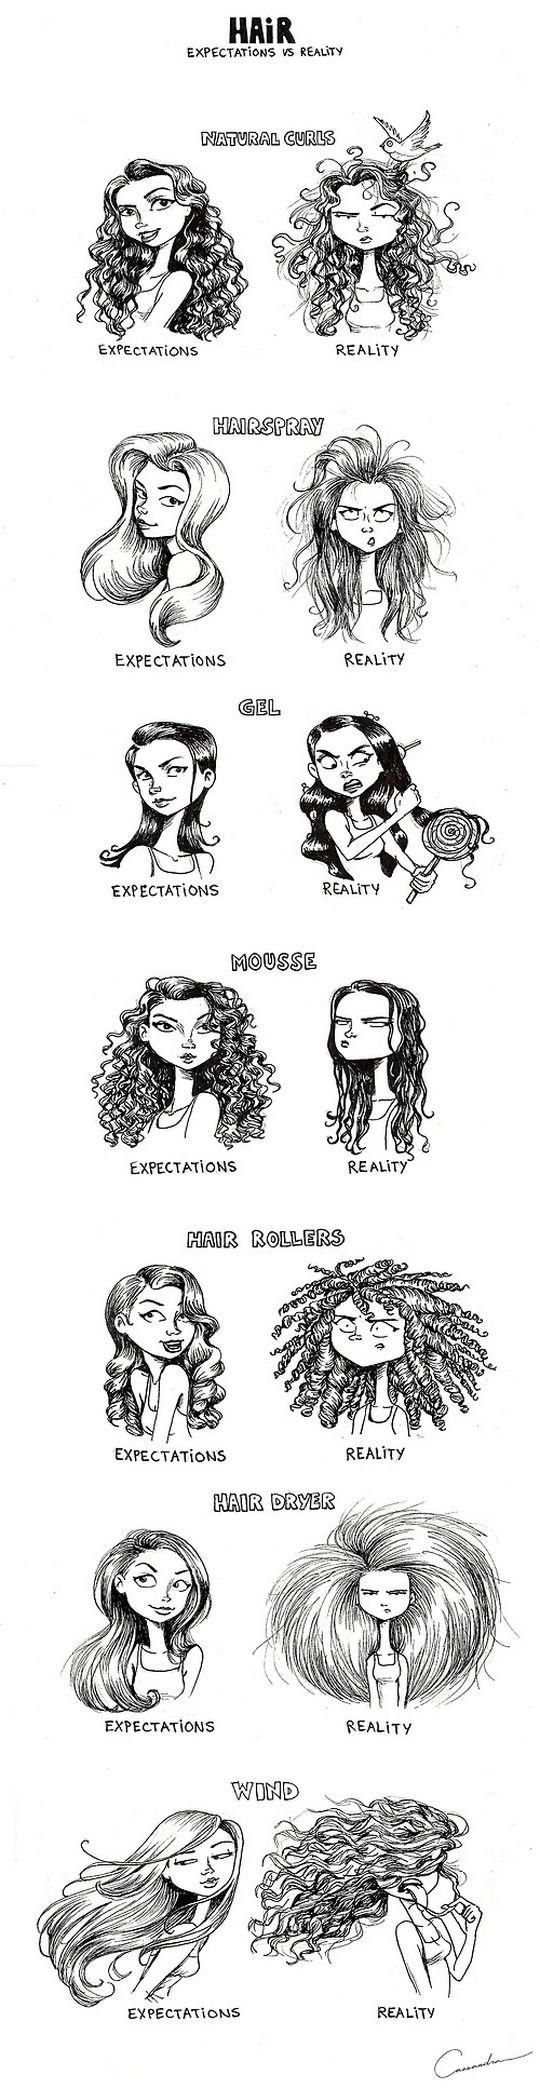 Bad hair week